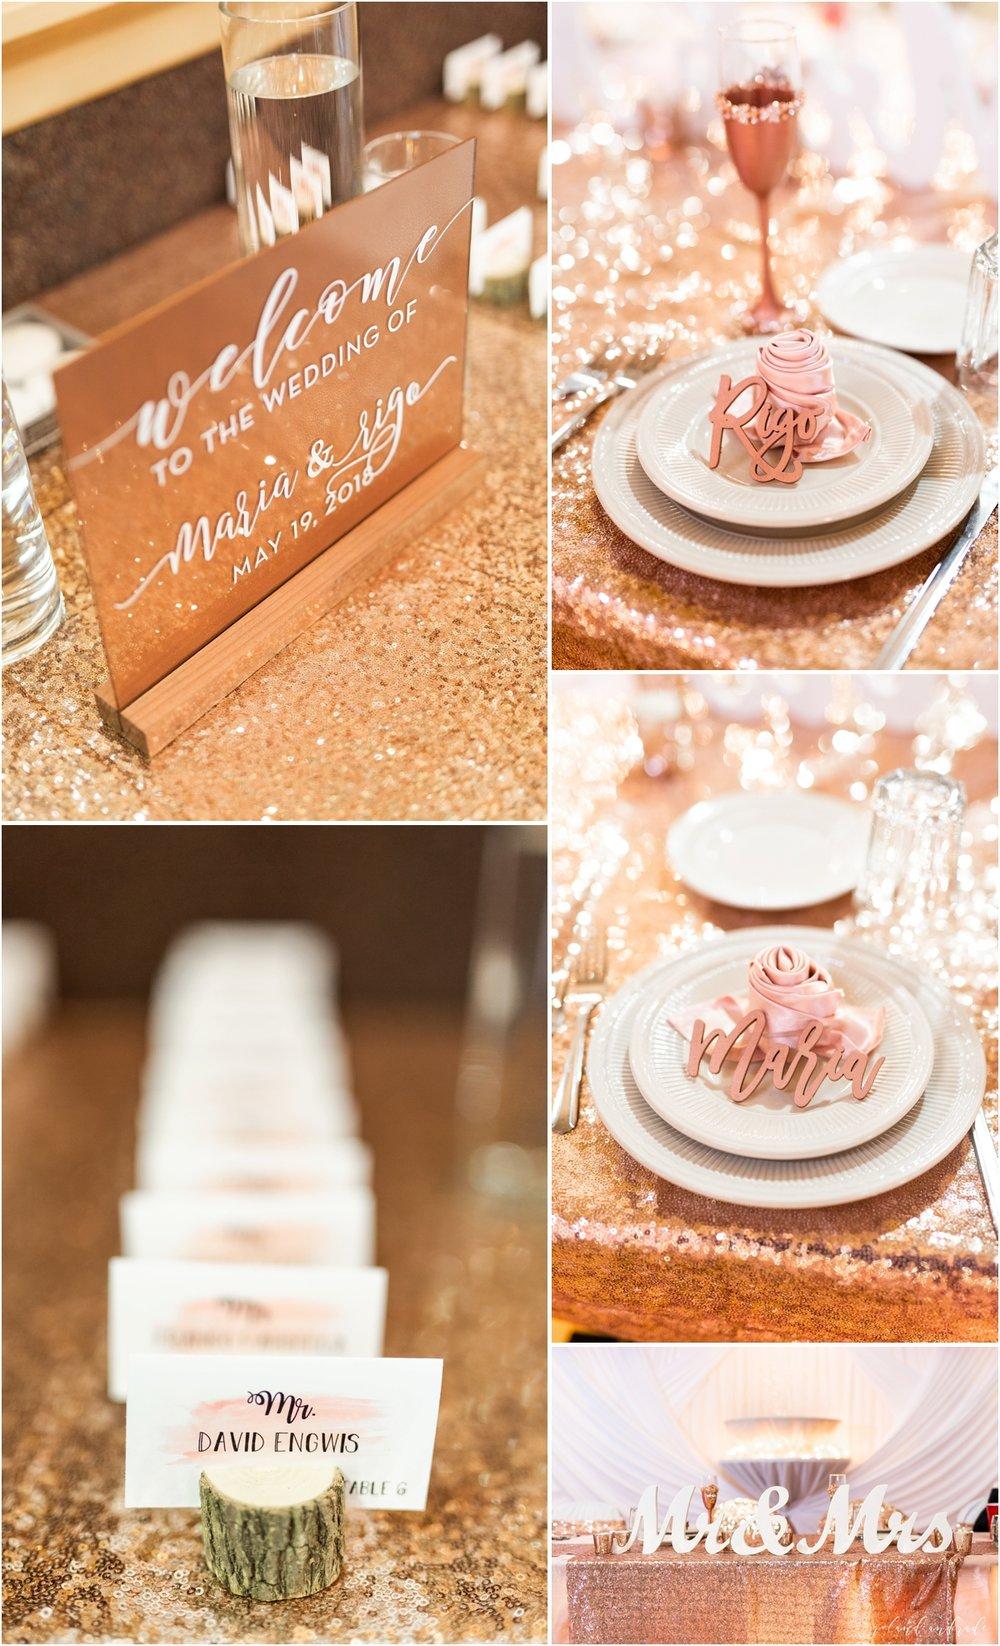 Italian American Society Wedding in Kenosha Wisconsin, Kenosha Wisconsin Wedding Photographer, Chicago Wedding Photography Kenosha Mexican Italian Wedding_0052.jpg